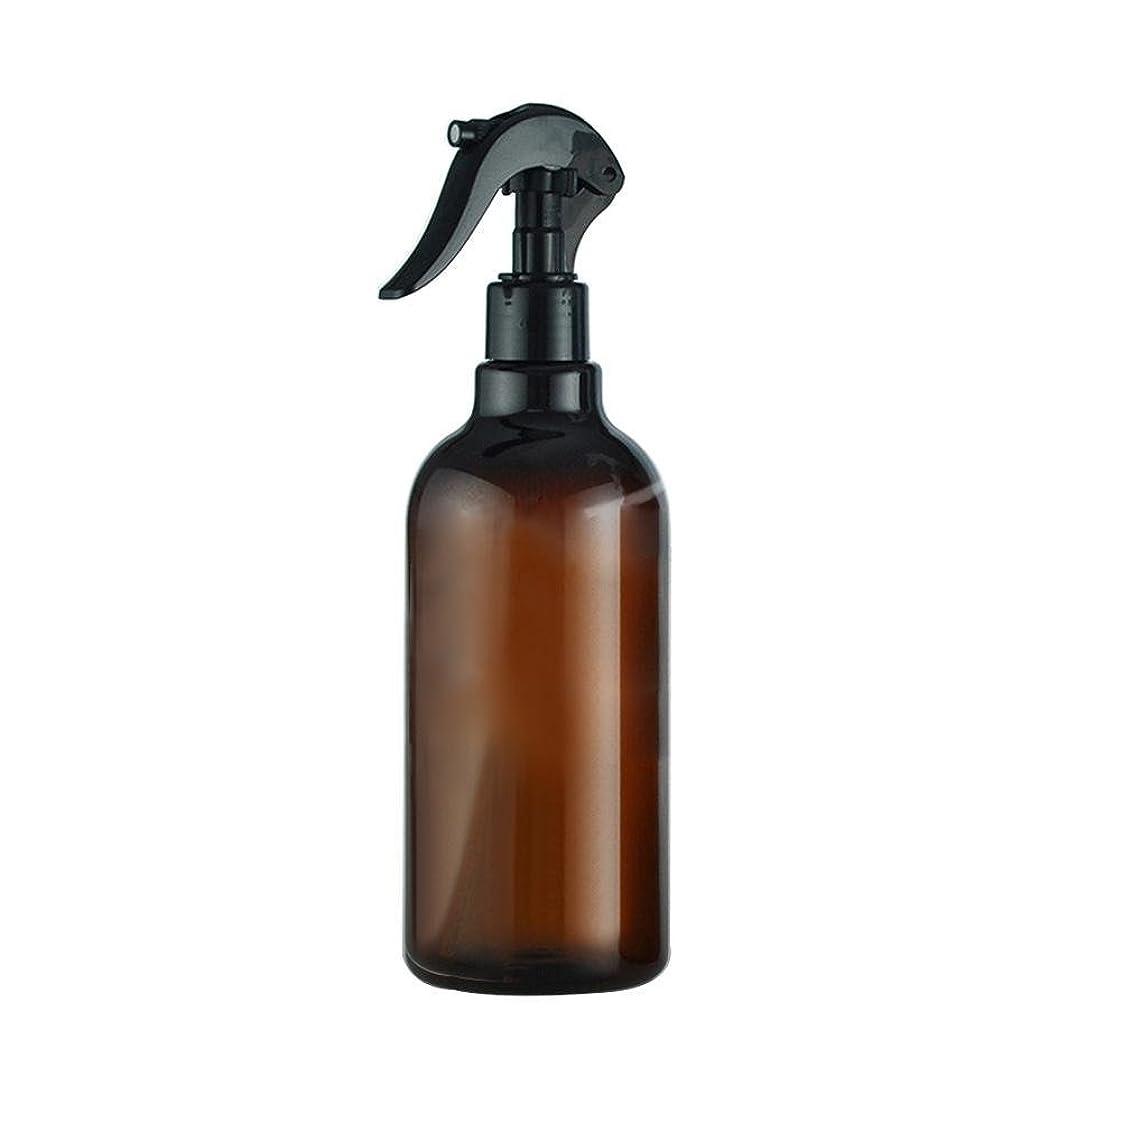 保守可能金貸し外交BETTER YOU (ベター ュー) スプレーボトル 化粧品ボトル 500ml 詰替え容器 ボトル 化粧水入れ 旅行 香水 化粧水用瓶